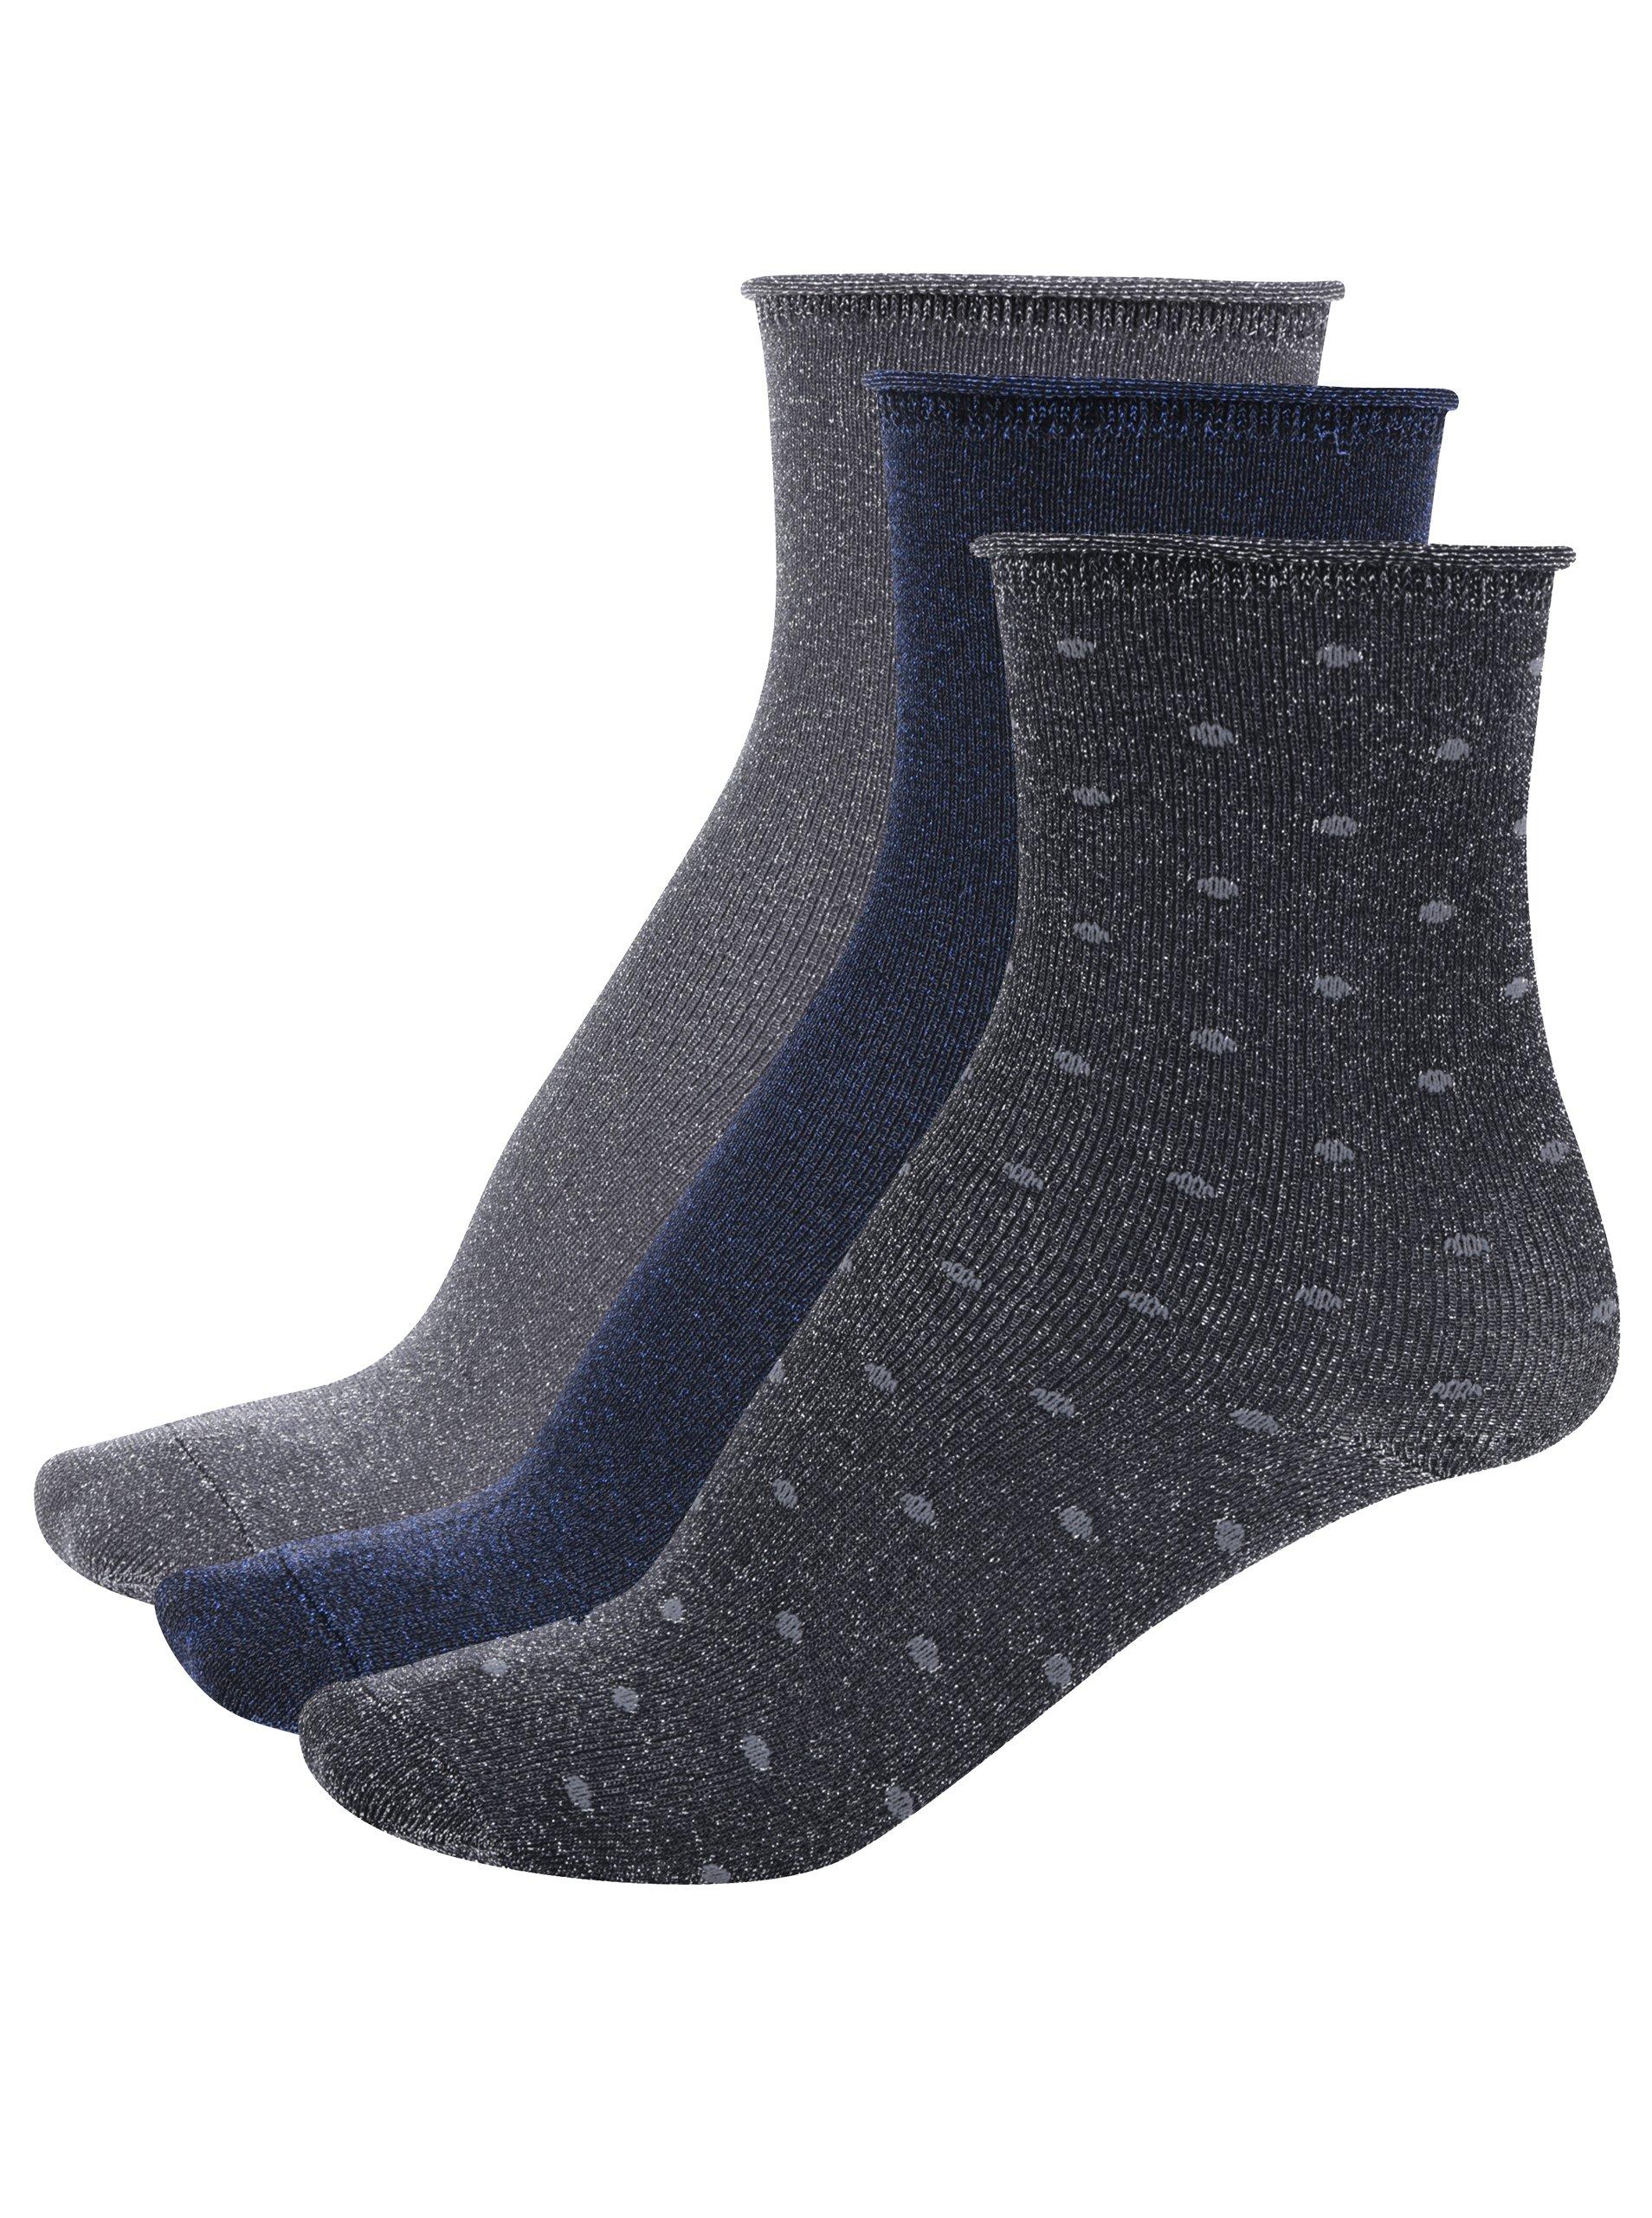 Fotografie Sada tří párů třpytivých holčičích ponožek v šedé a modré barvě Name it